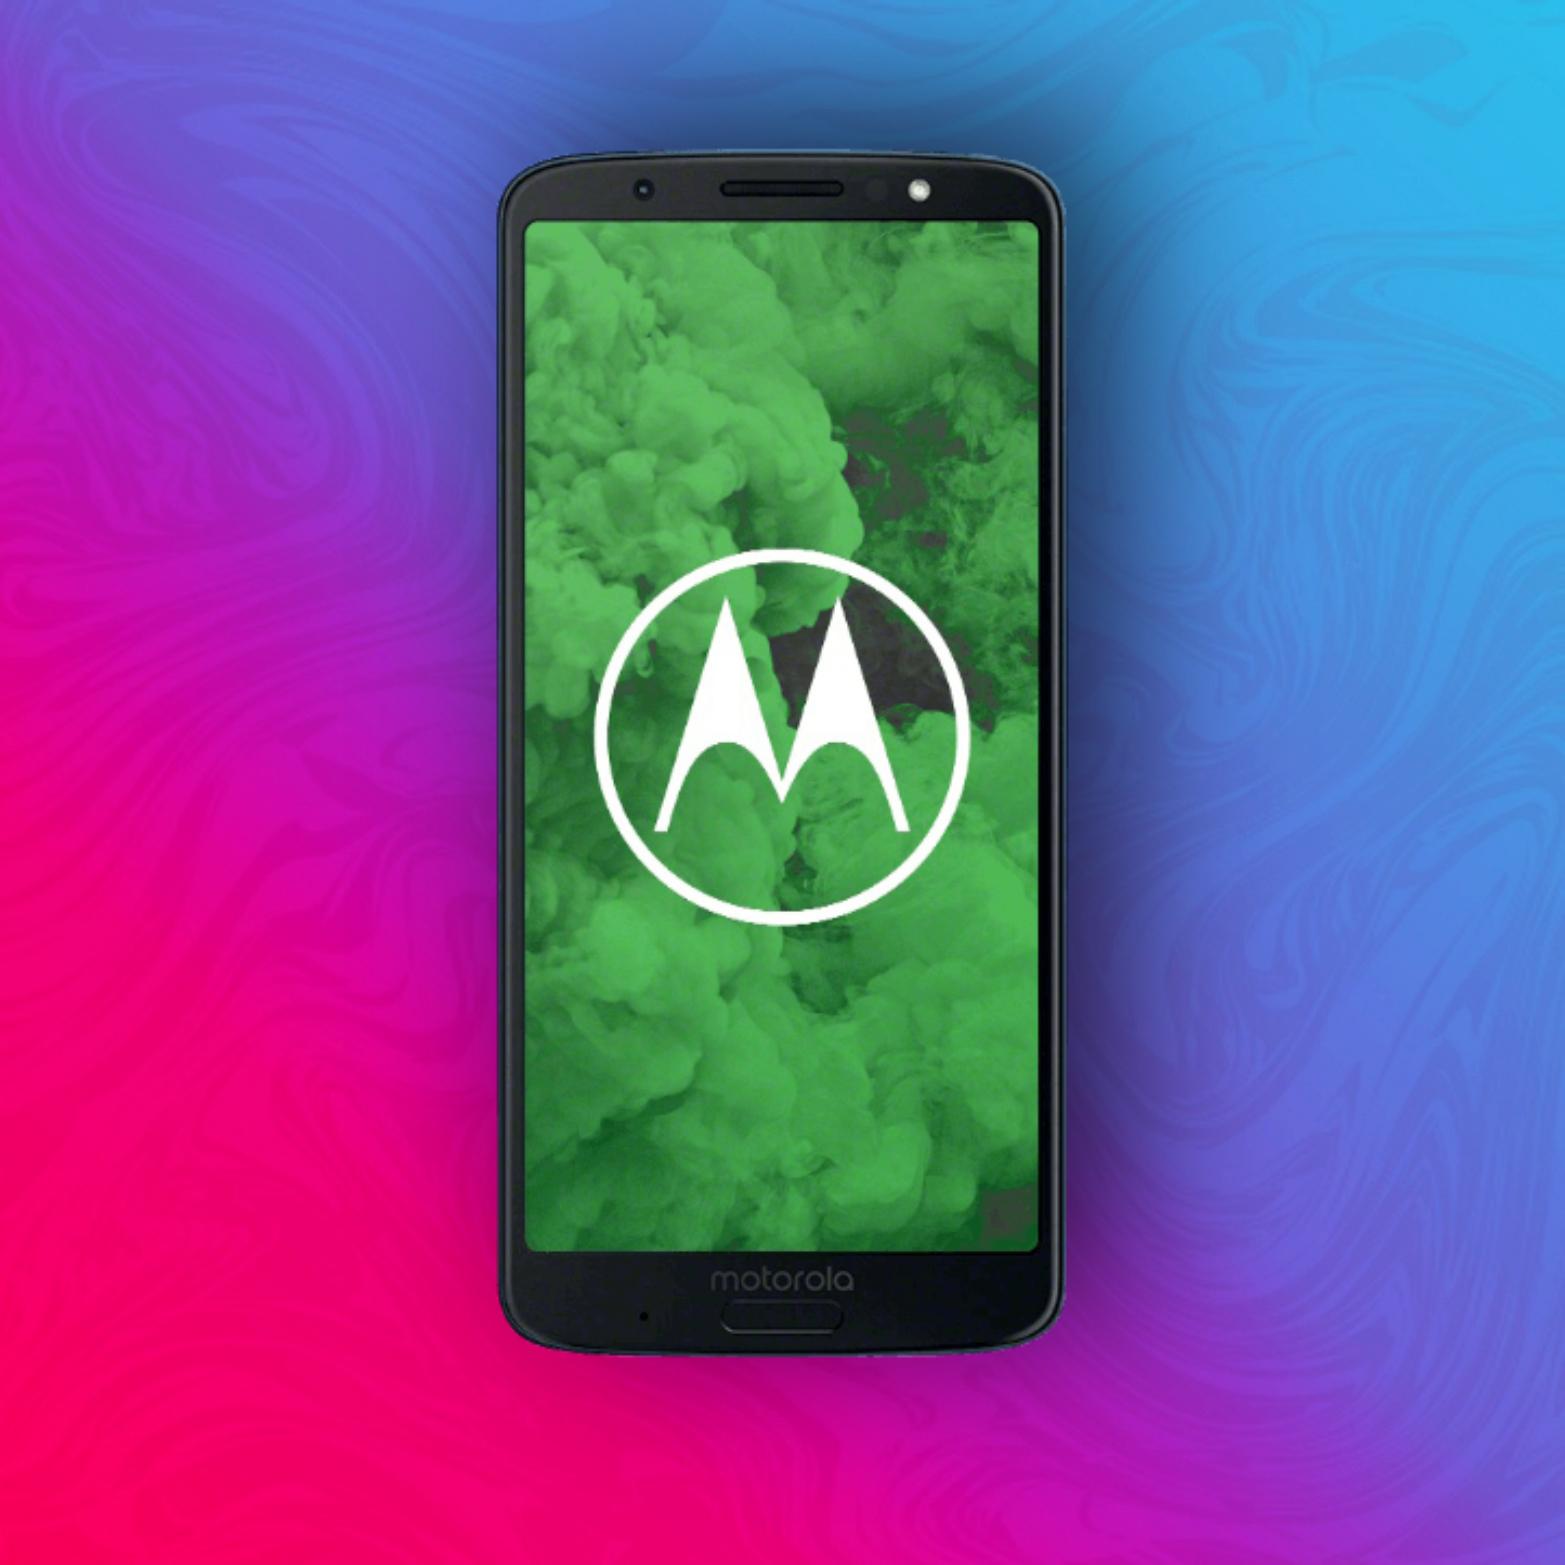 Motorola Moto G6 Plus 64/4GB - Snapdragon 630 - NFC: Google Pay - Dual SIM